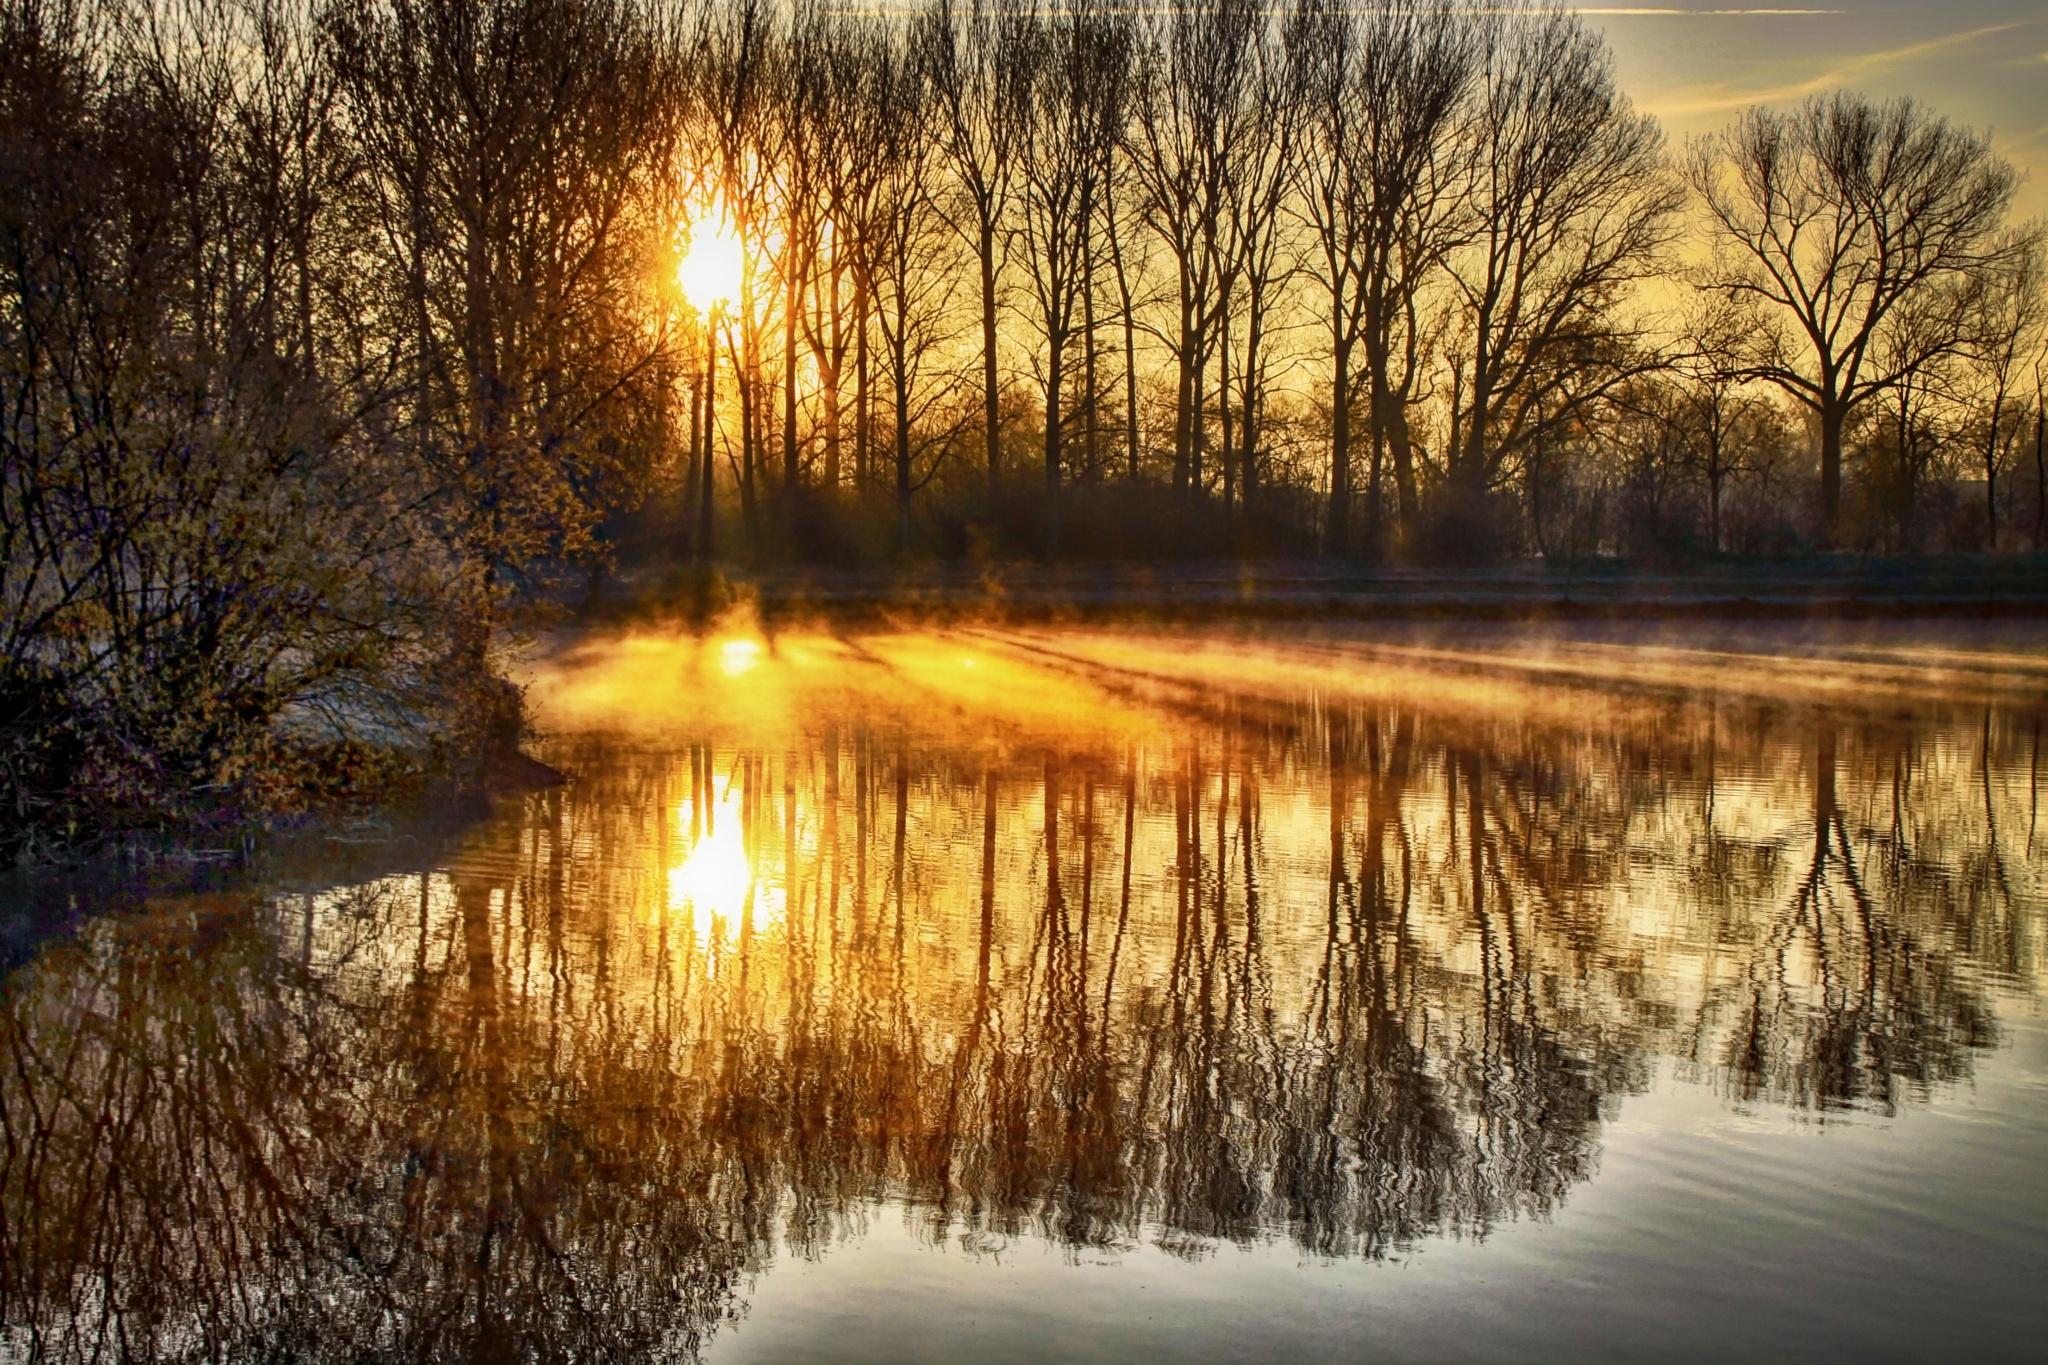 Lake by Stern100